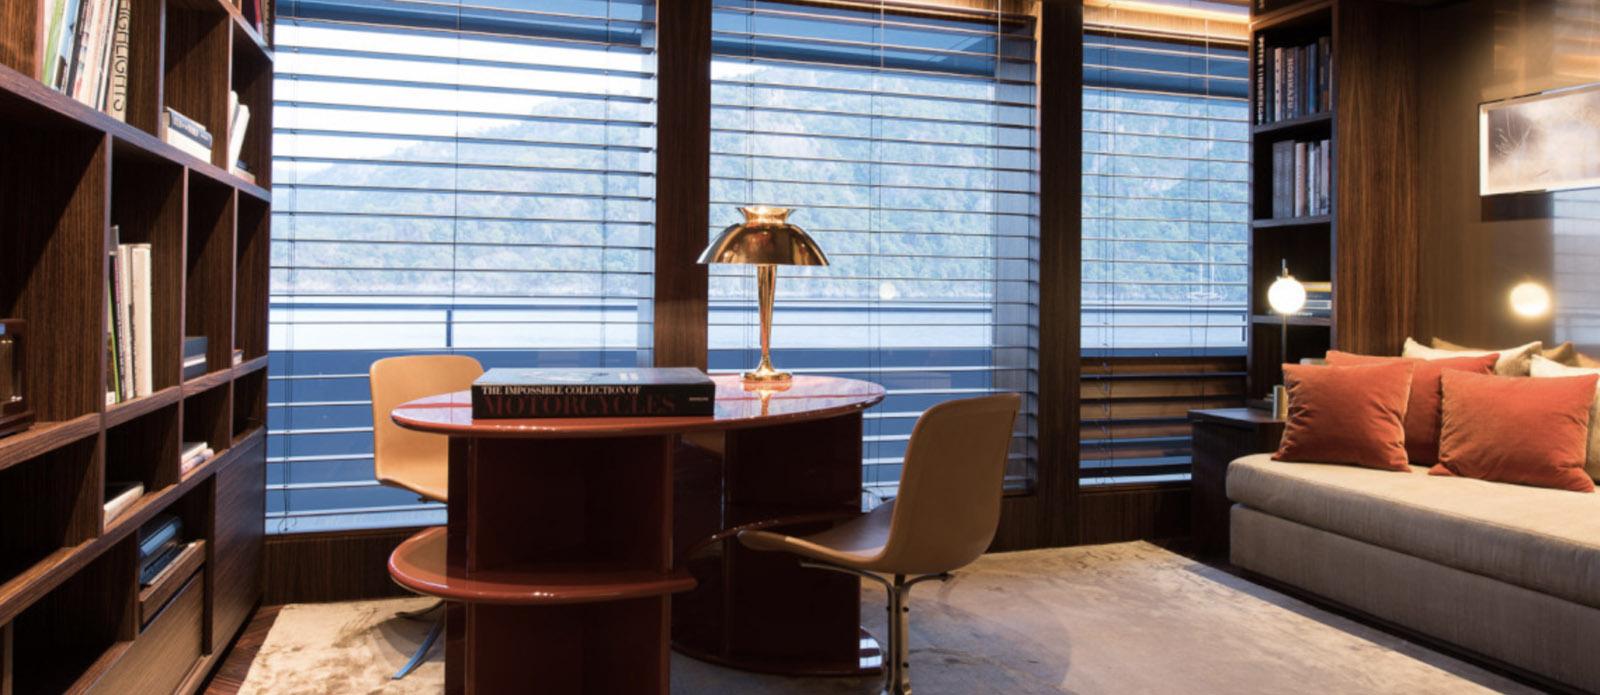 Savannah - Owners Office